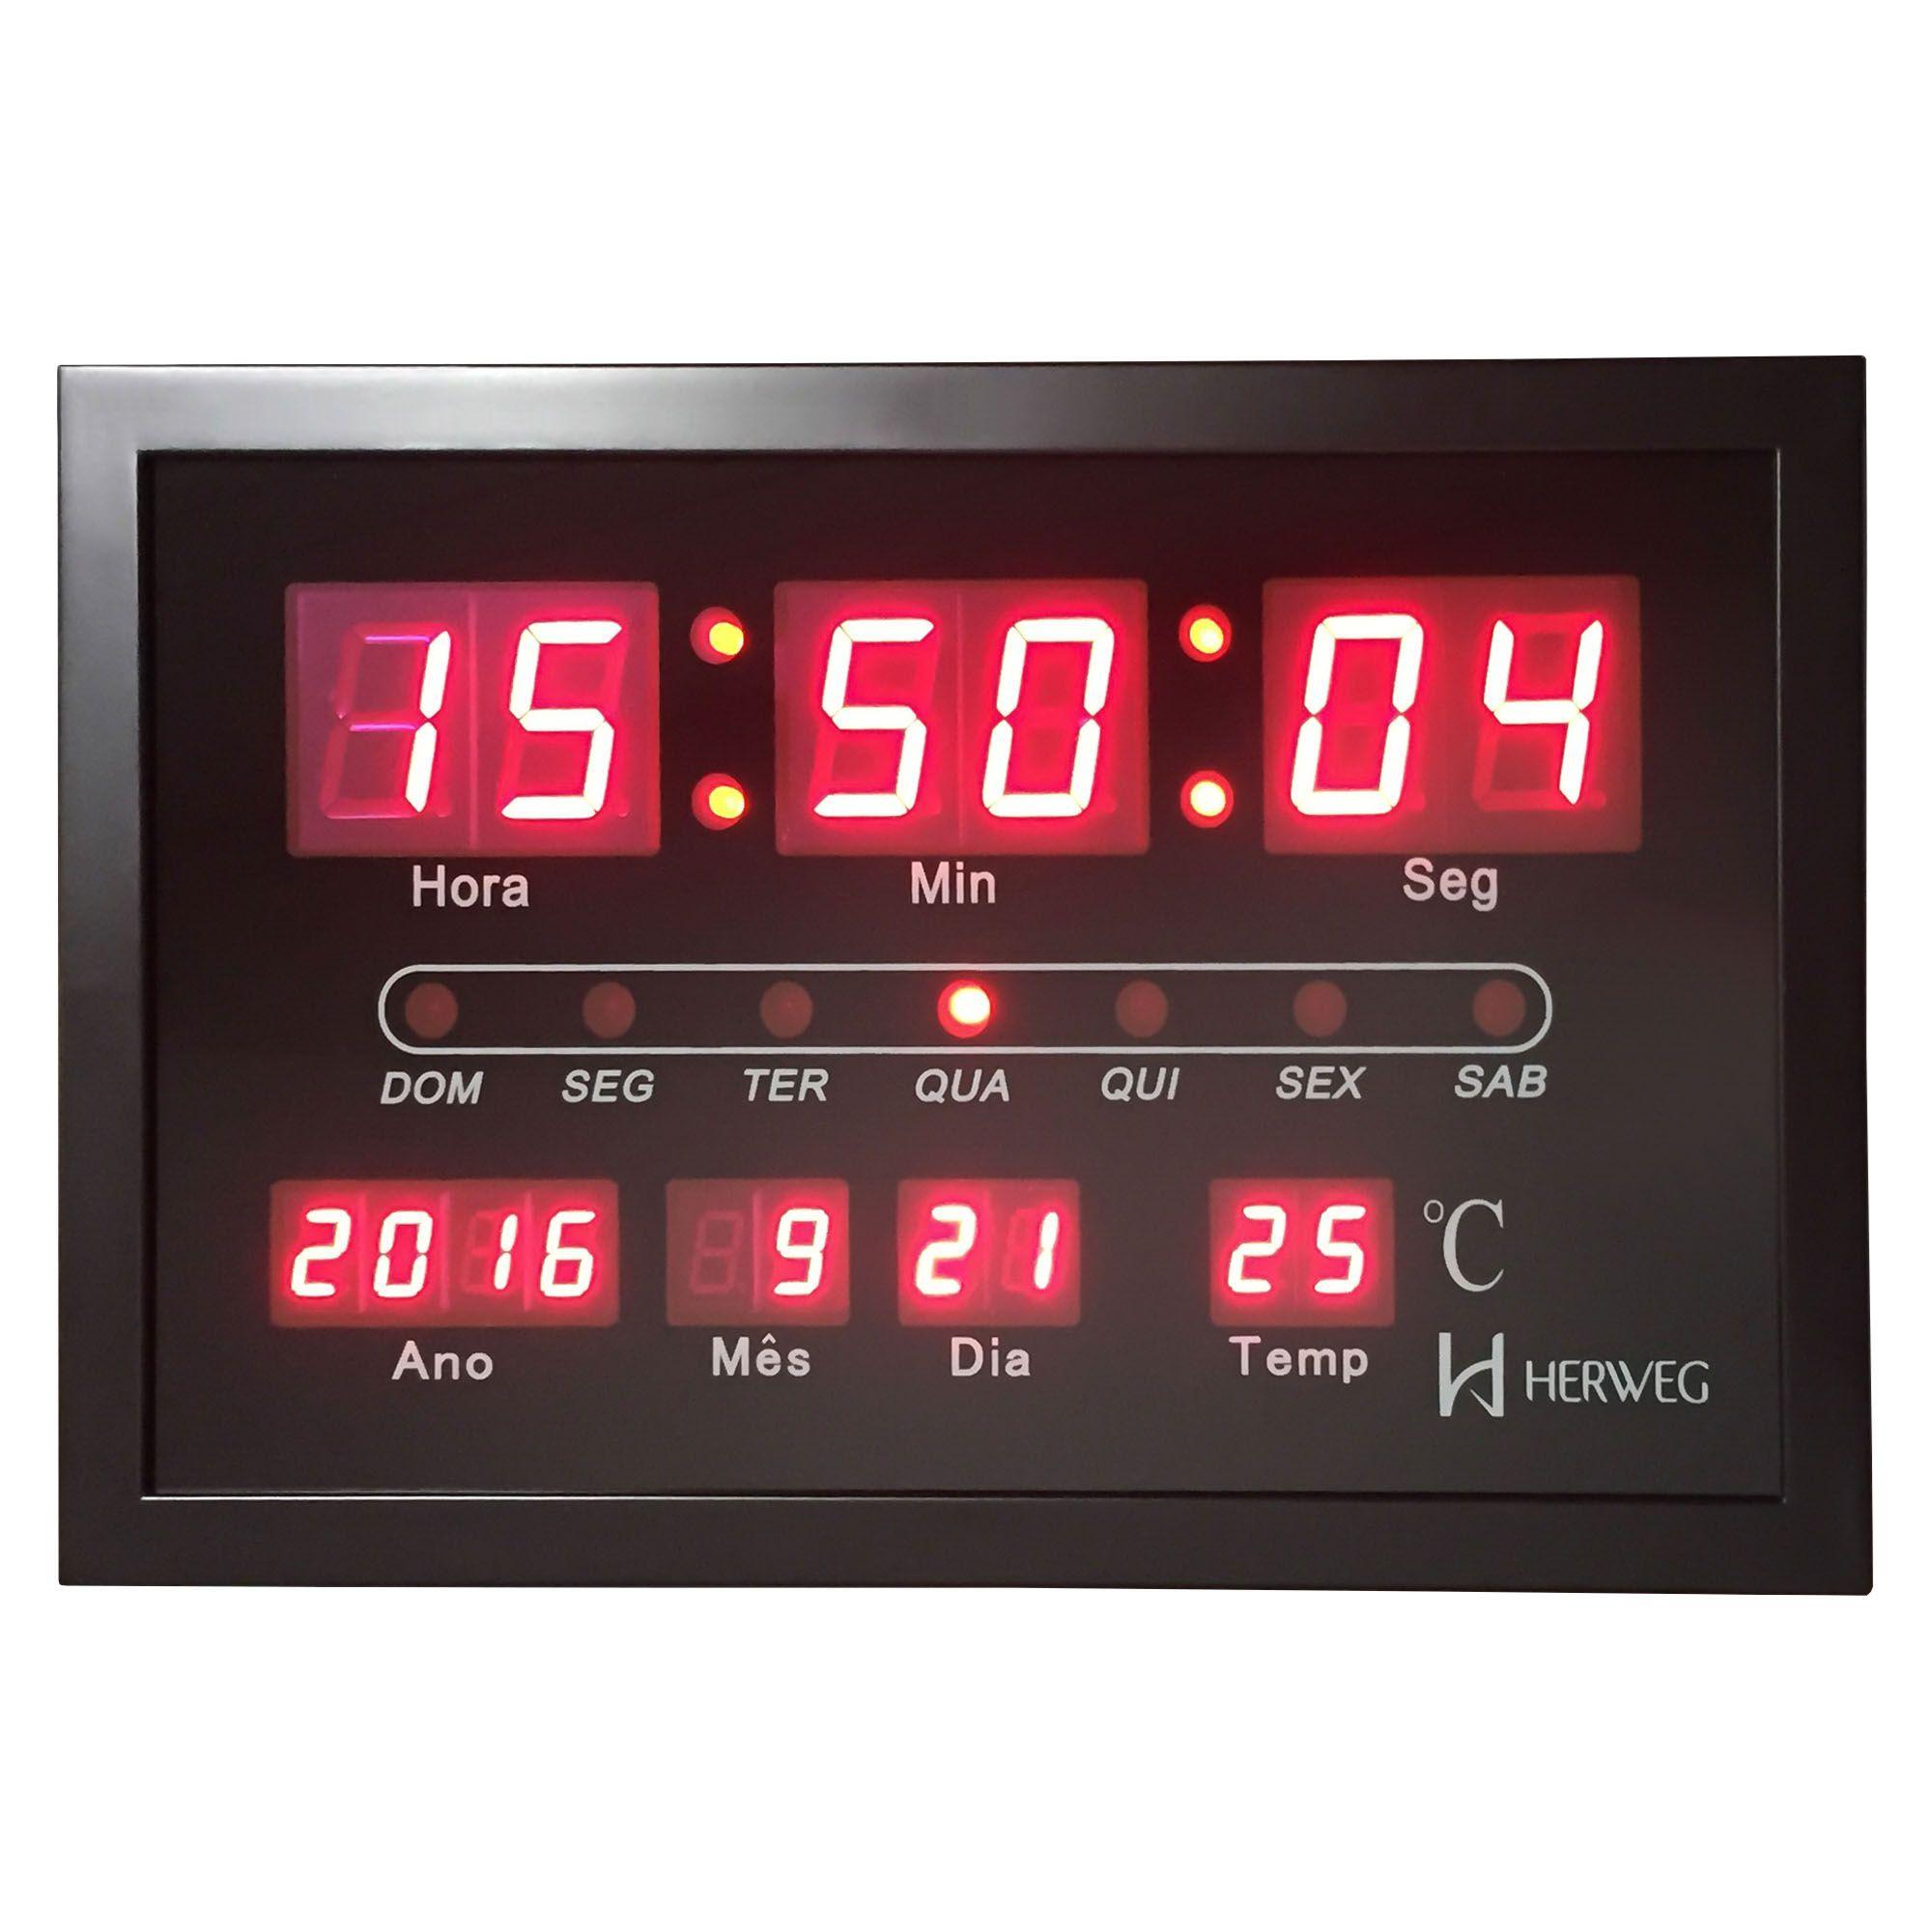 Relógio de Parede Digital Herweg 6289 034 Preto